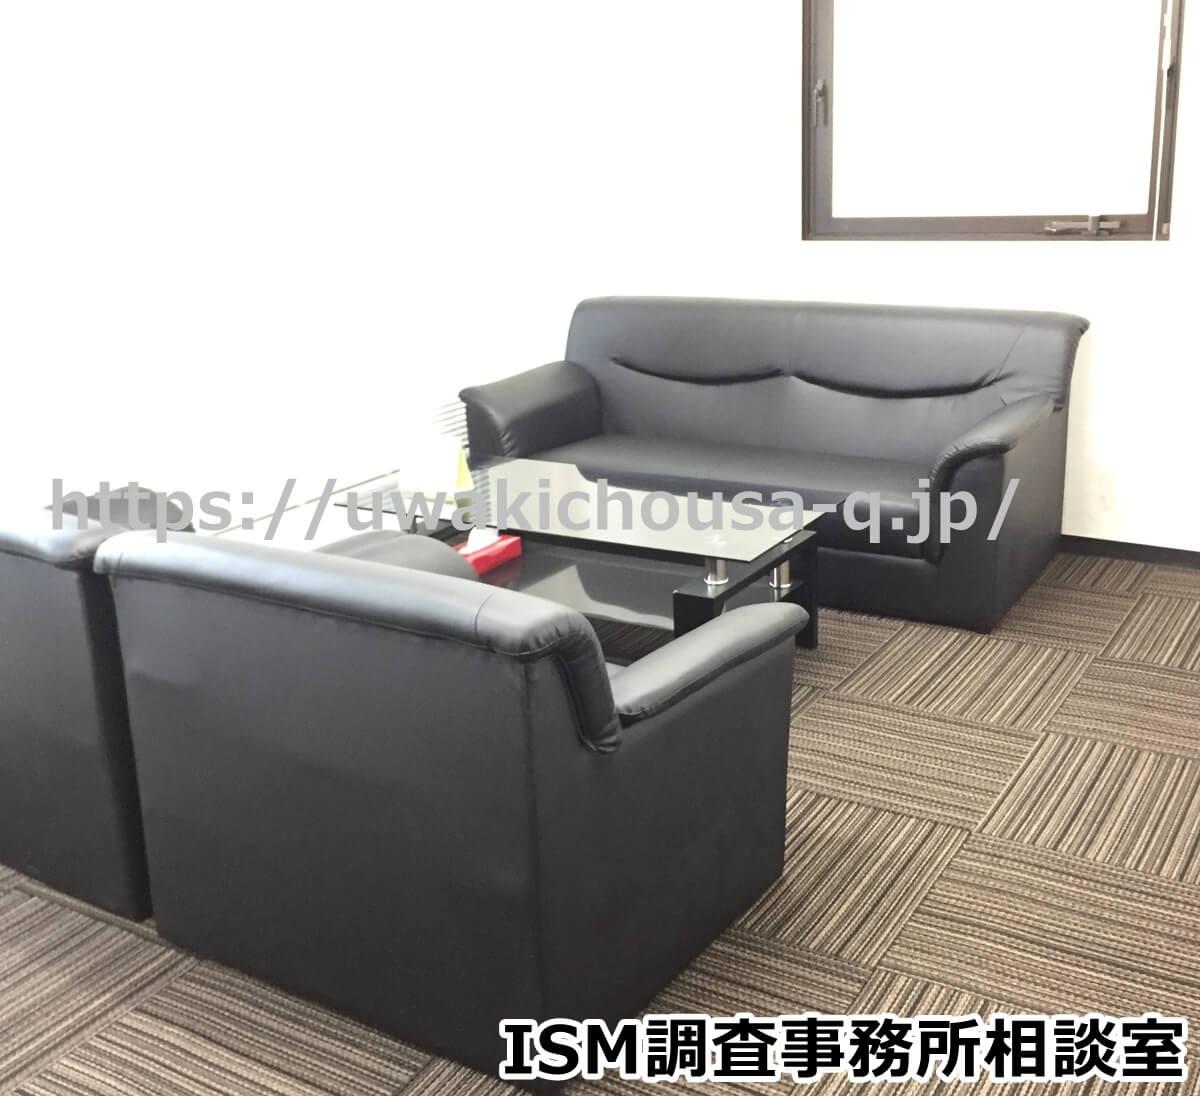 ISM調査事務所の相談室